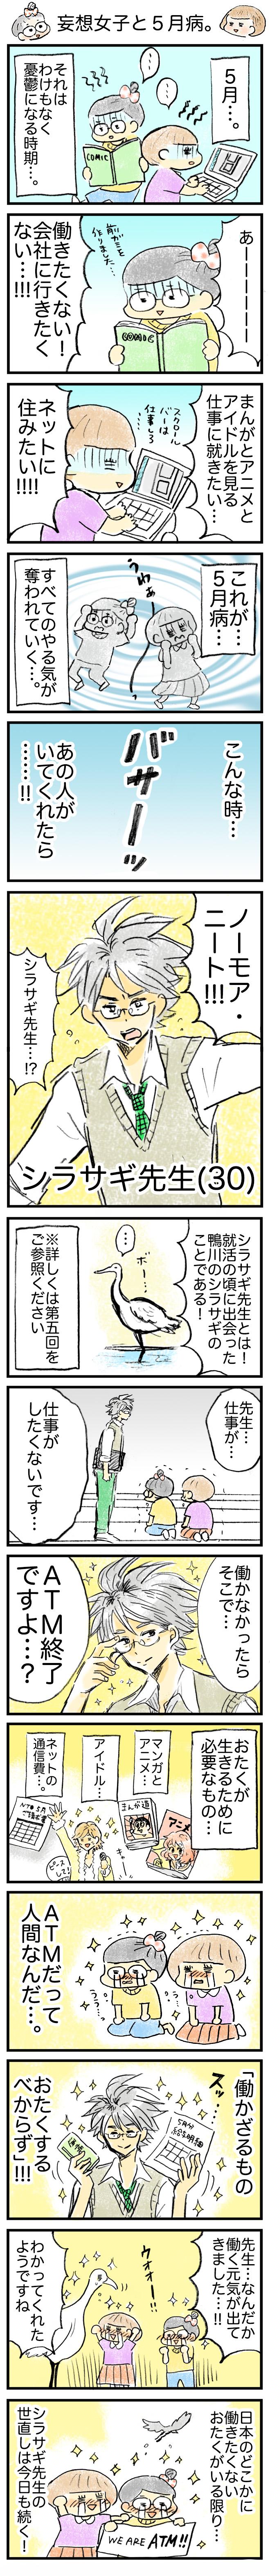 【漫画】妄想女子と5月病。『もちことのんこ』第7回 作:おづまりこ